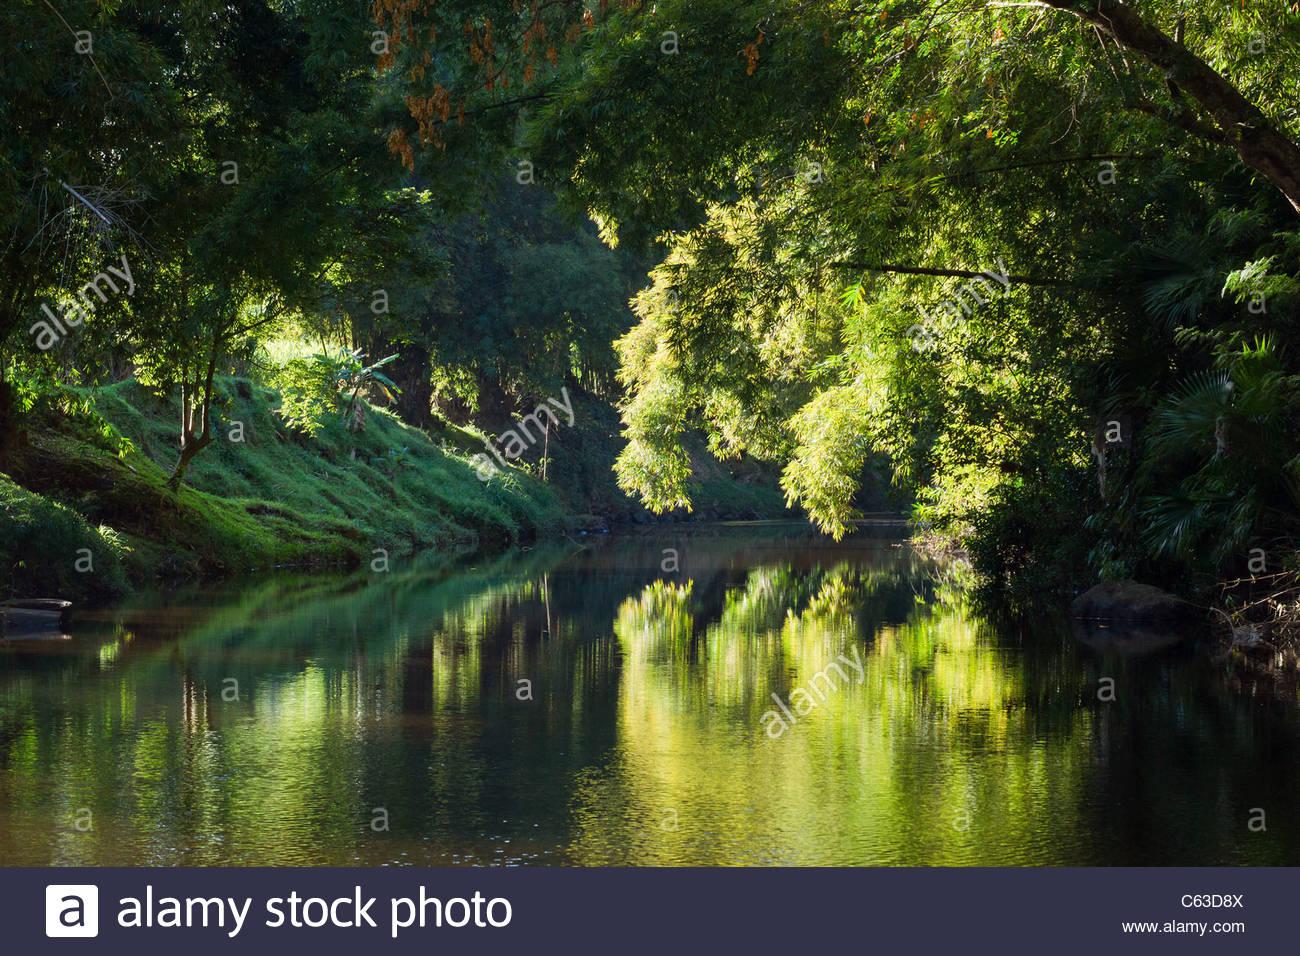 reunion-island-sainte-suzanne-river-at-s